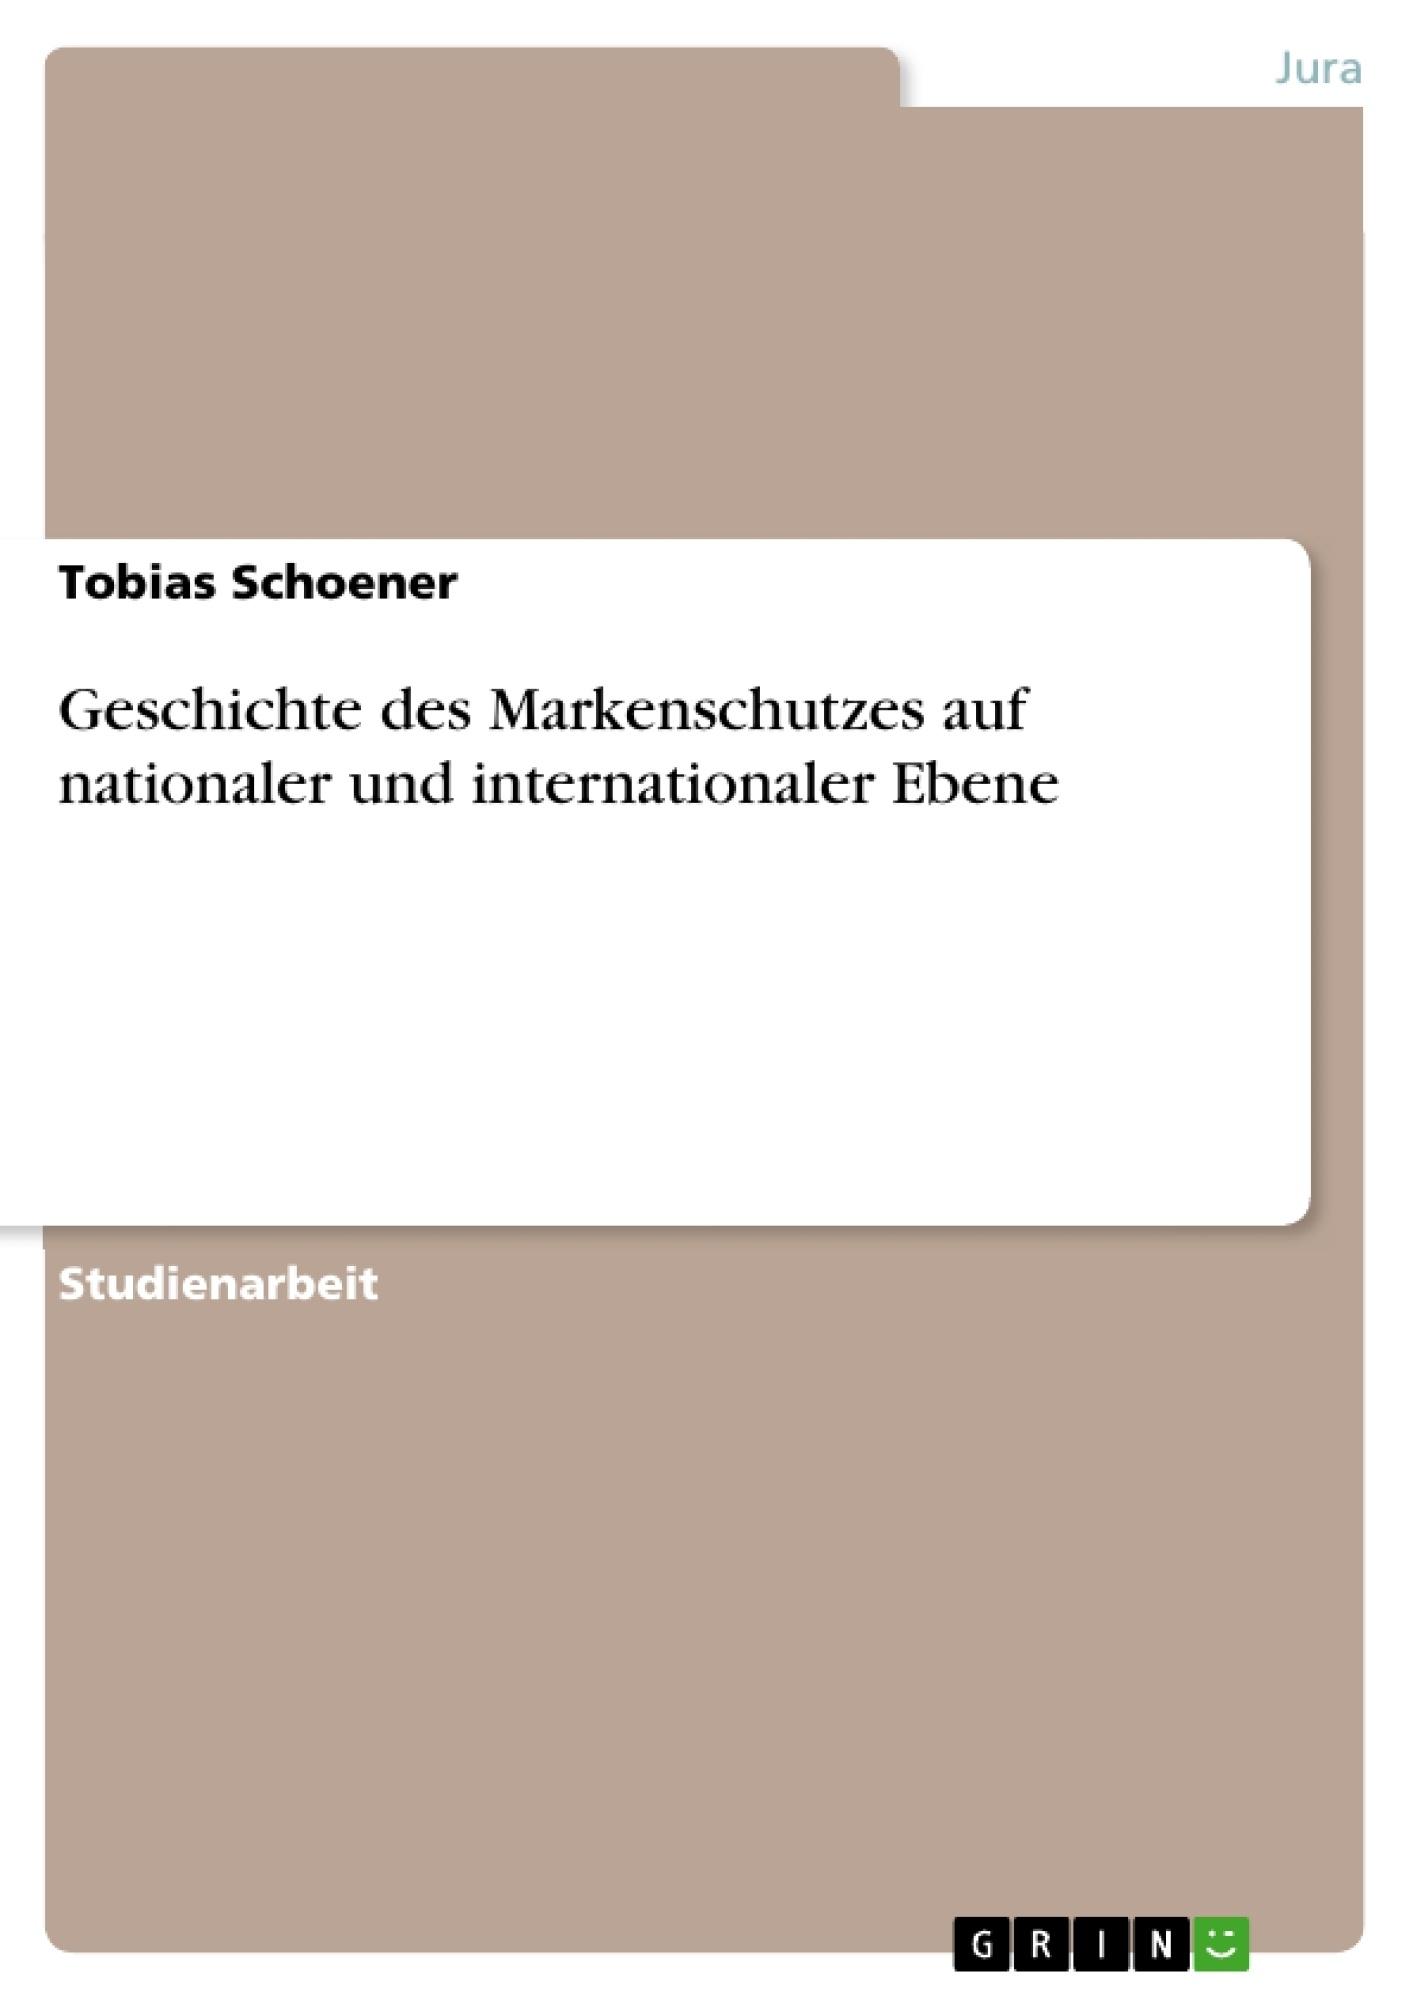 Titel: Geschichte des Markenschutzes auf nationaler und internationaler Ebene